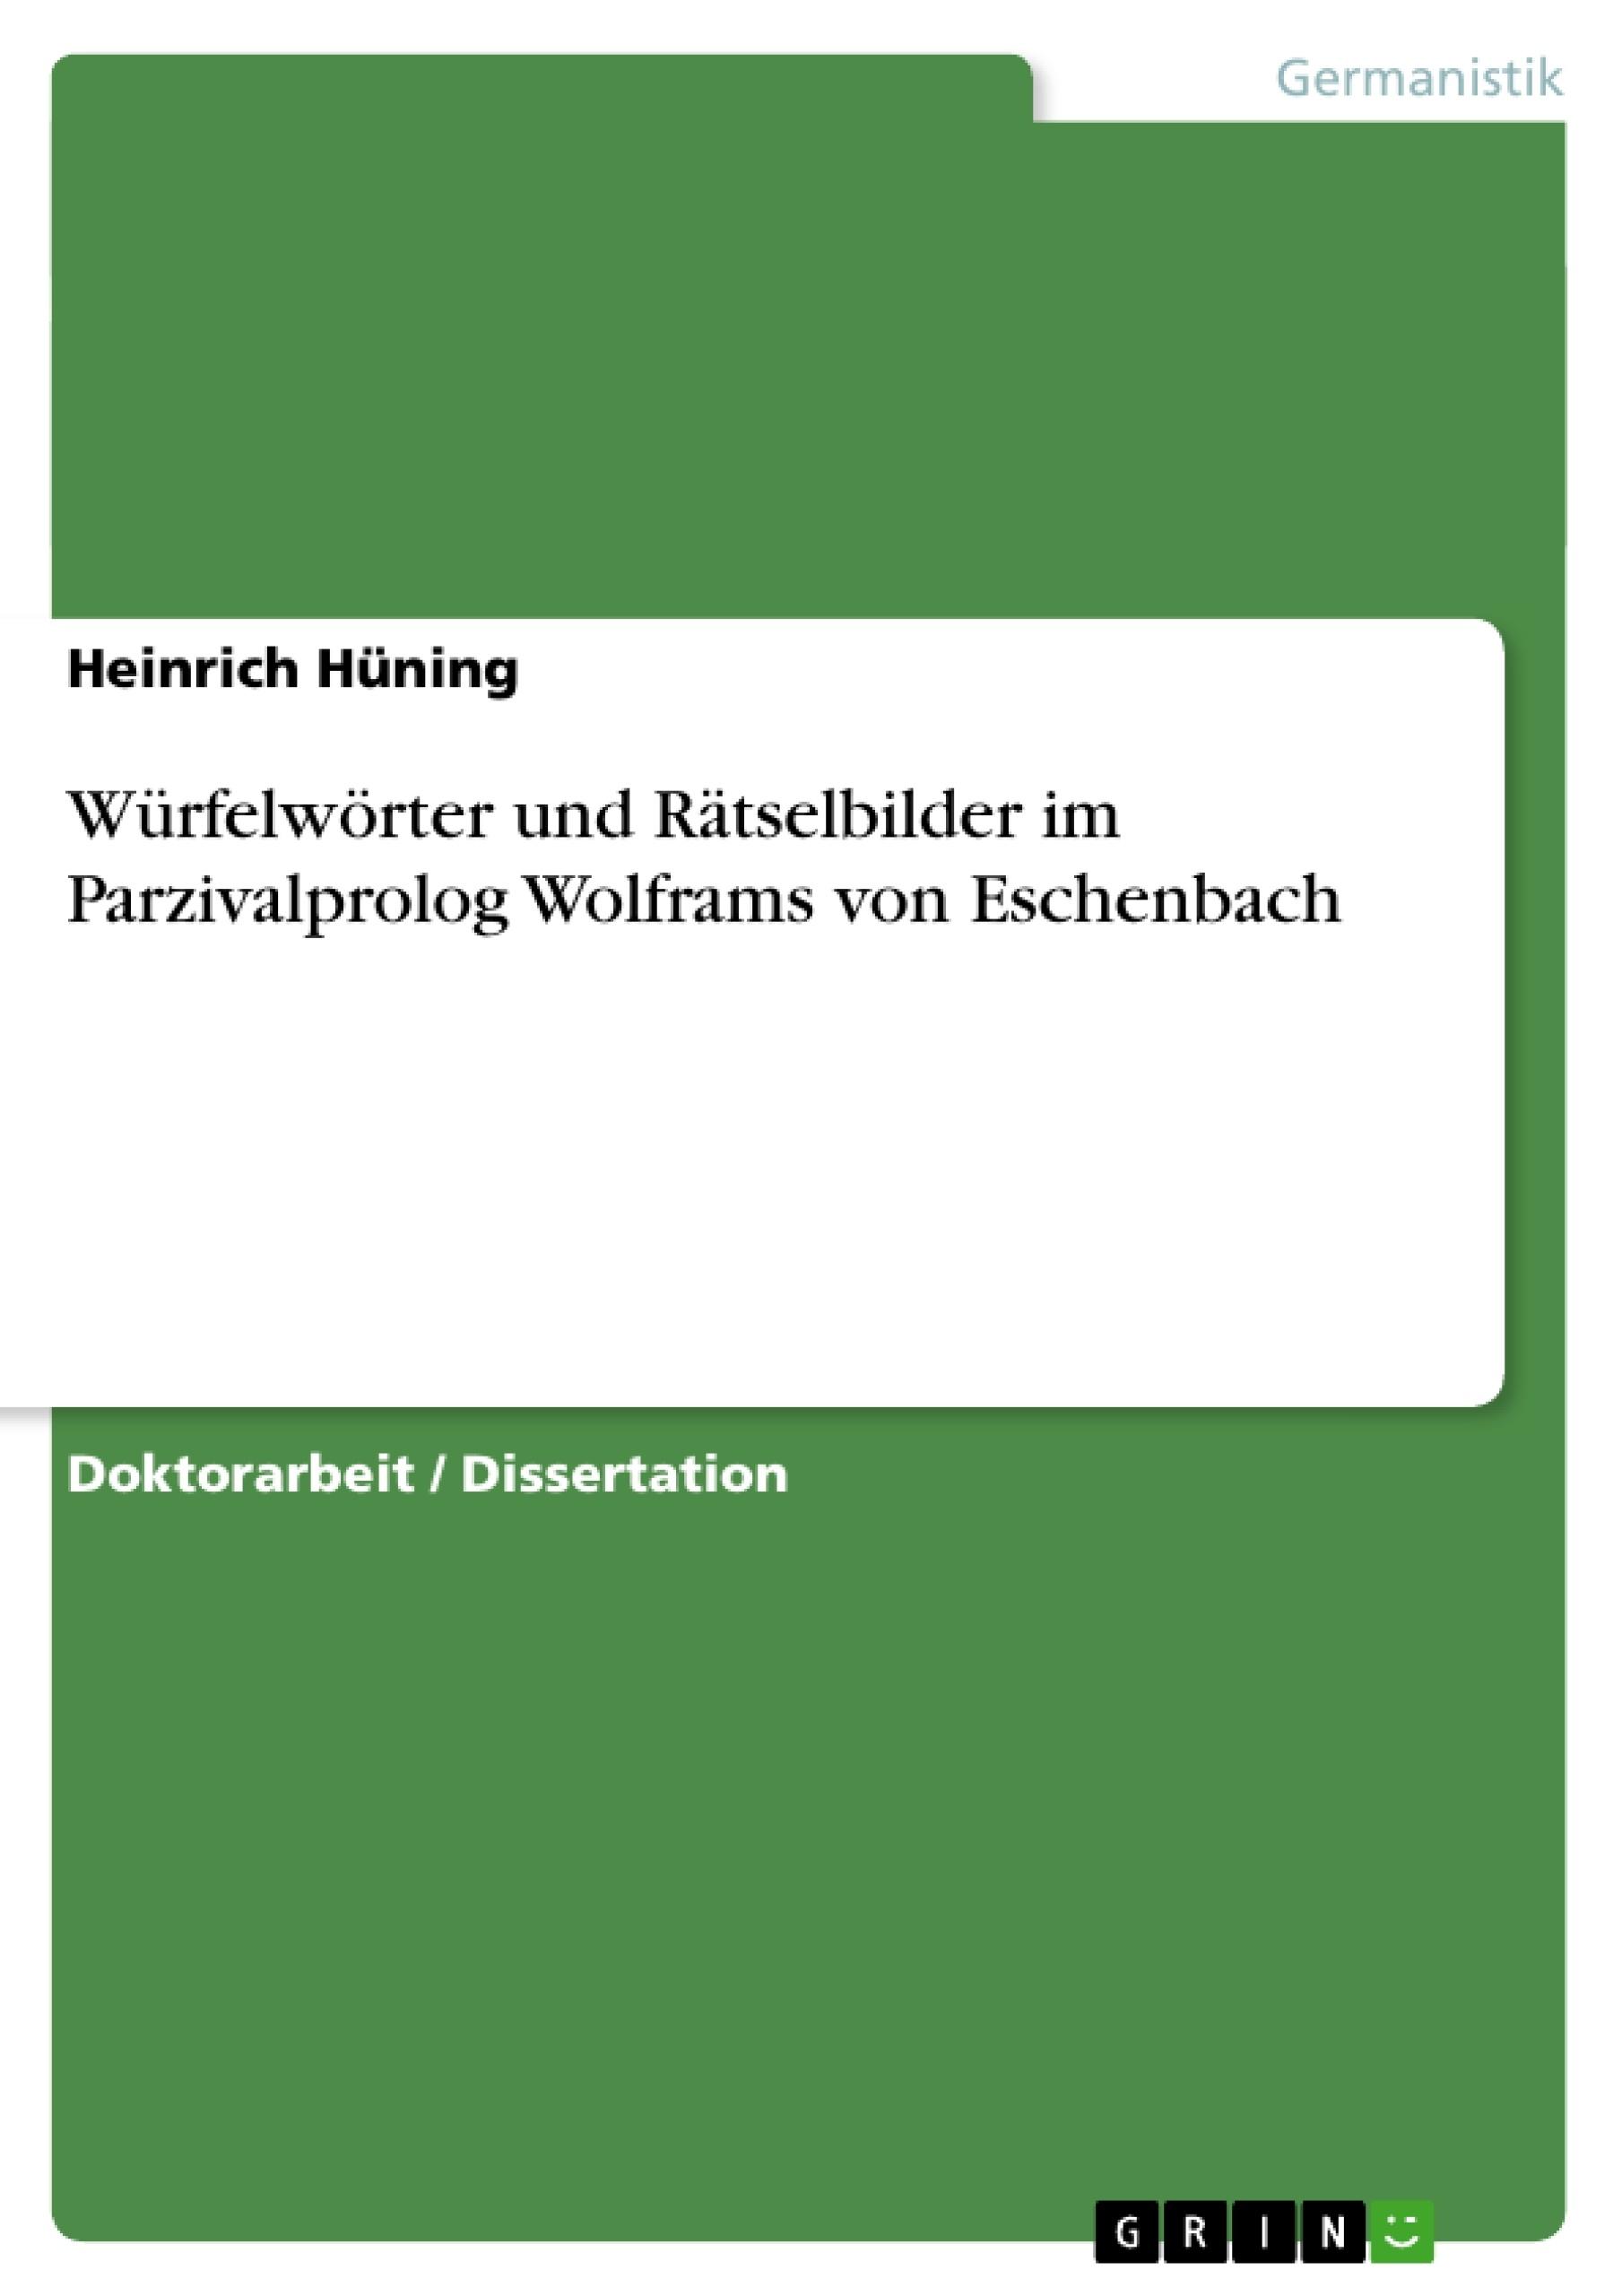 Titel: Würfelwörter und Rätselbilder im Parzivalprolog Wolframs von Eschenbach